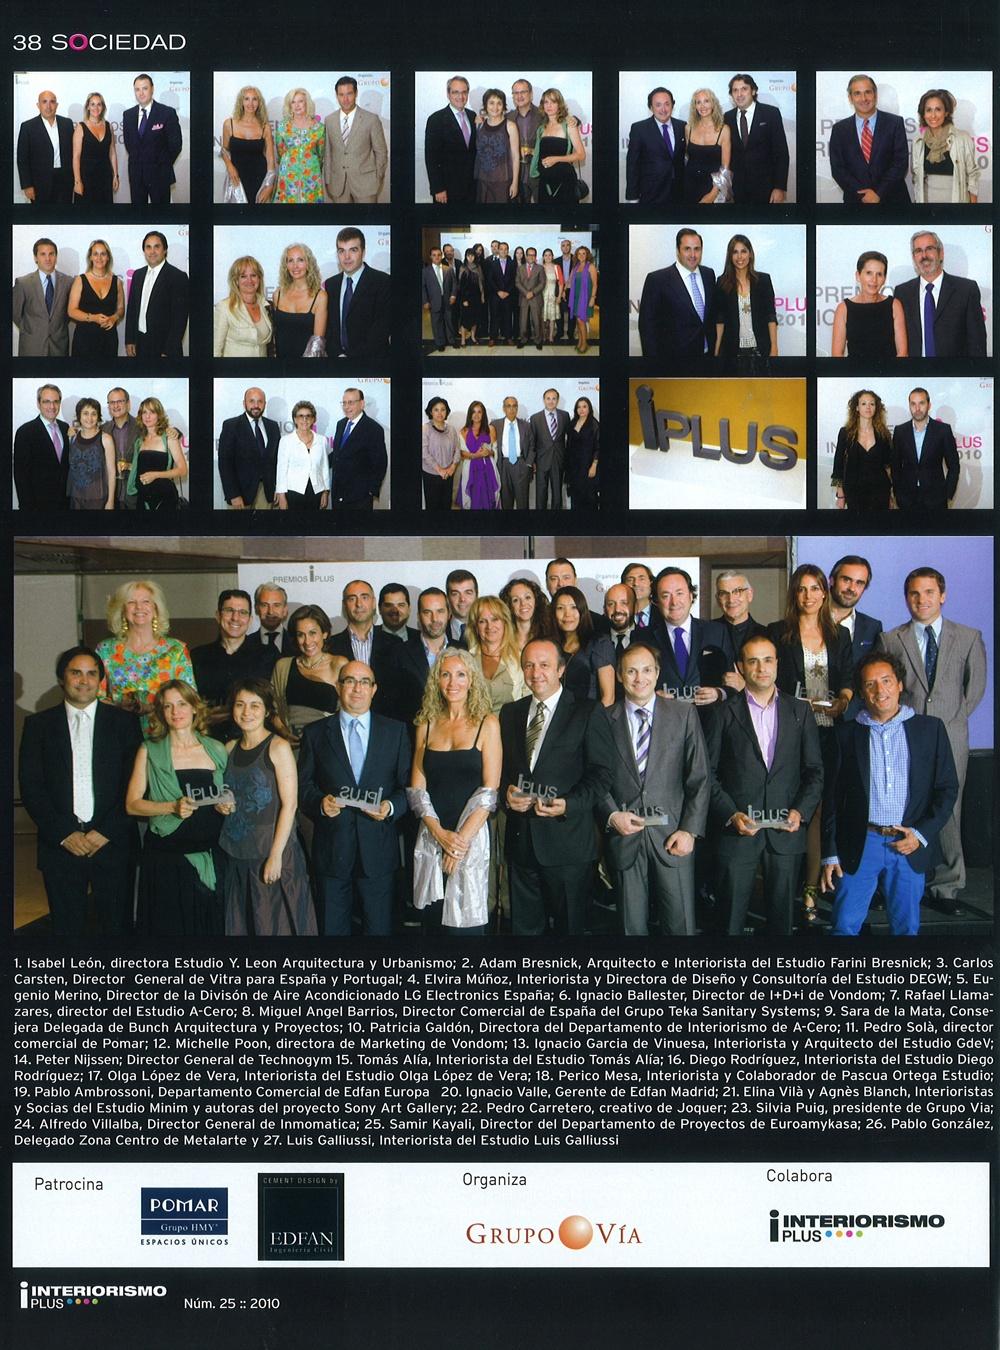 iPlus 2010 Awards, Premios IPlus 2010